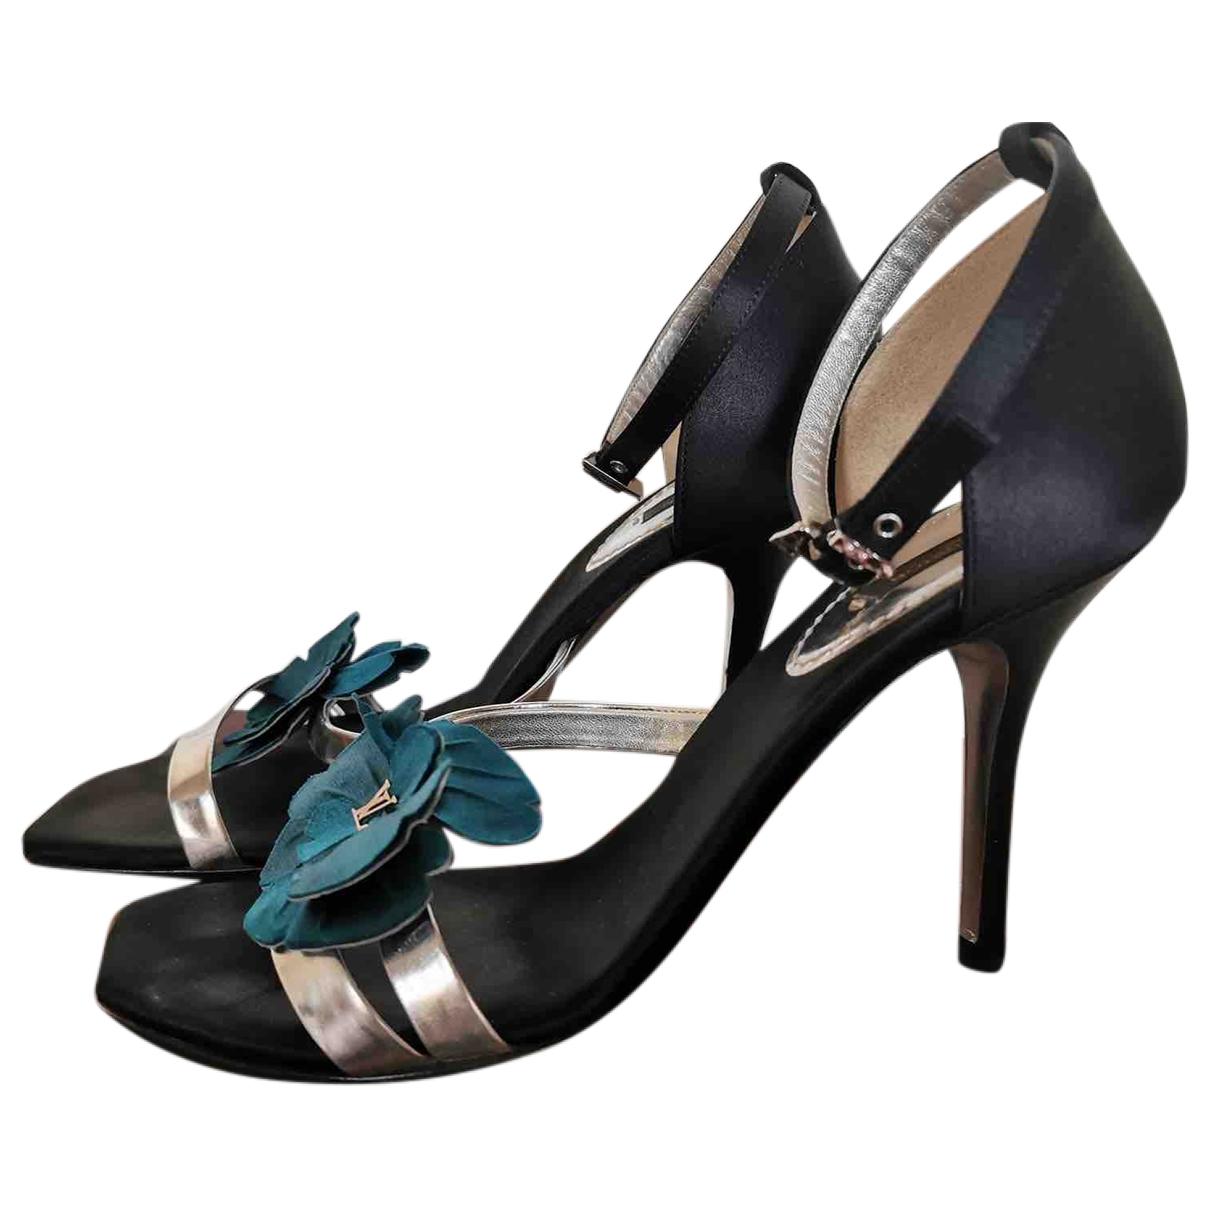 Louis Vuitton - Sandales   pour femme en cuir verni - multicolore